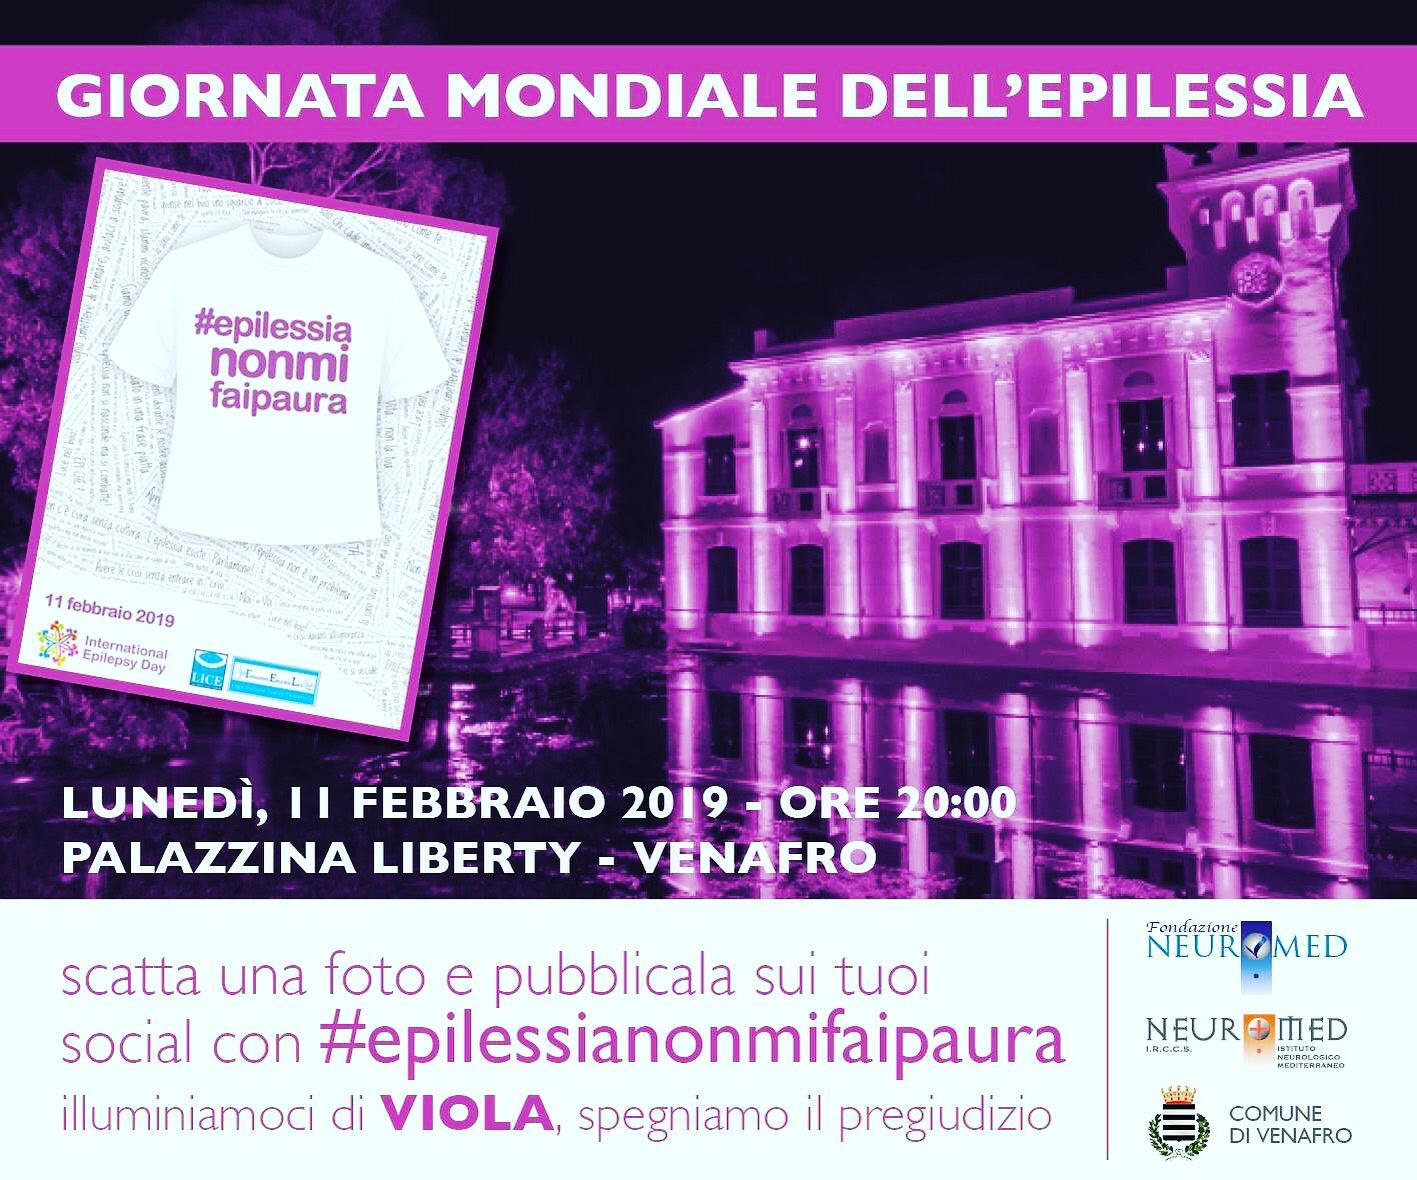 Giornata internazionale sull'epilessia, il Neuromed illumina di viola la palazzina Liberty di Venafro